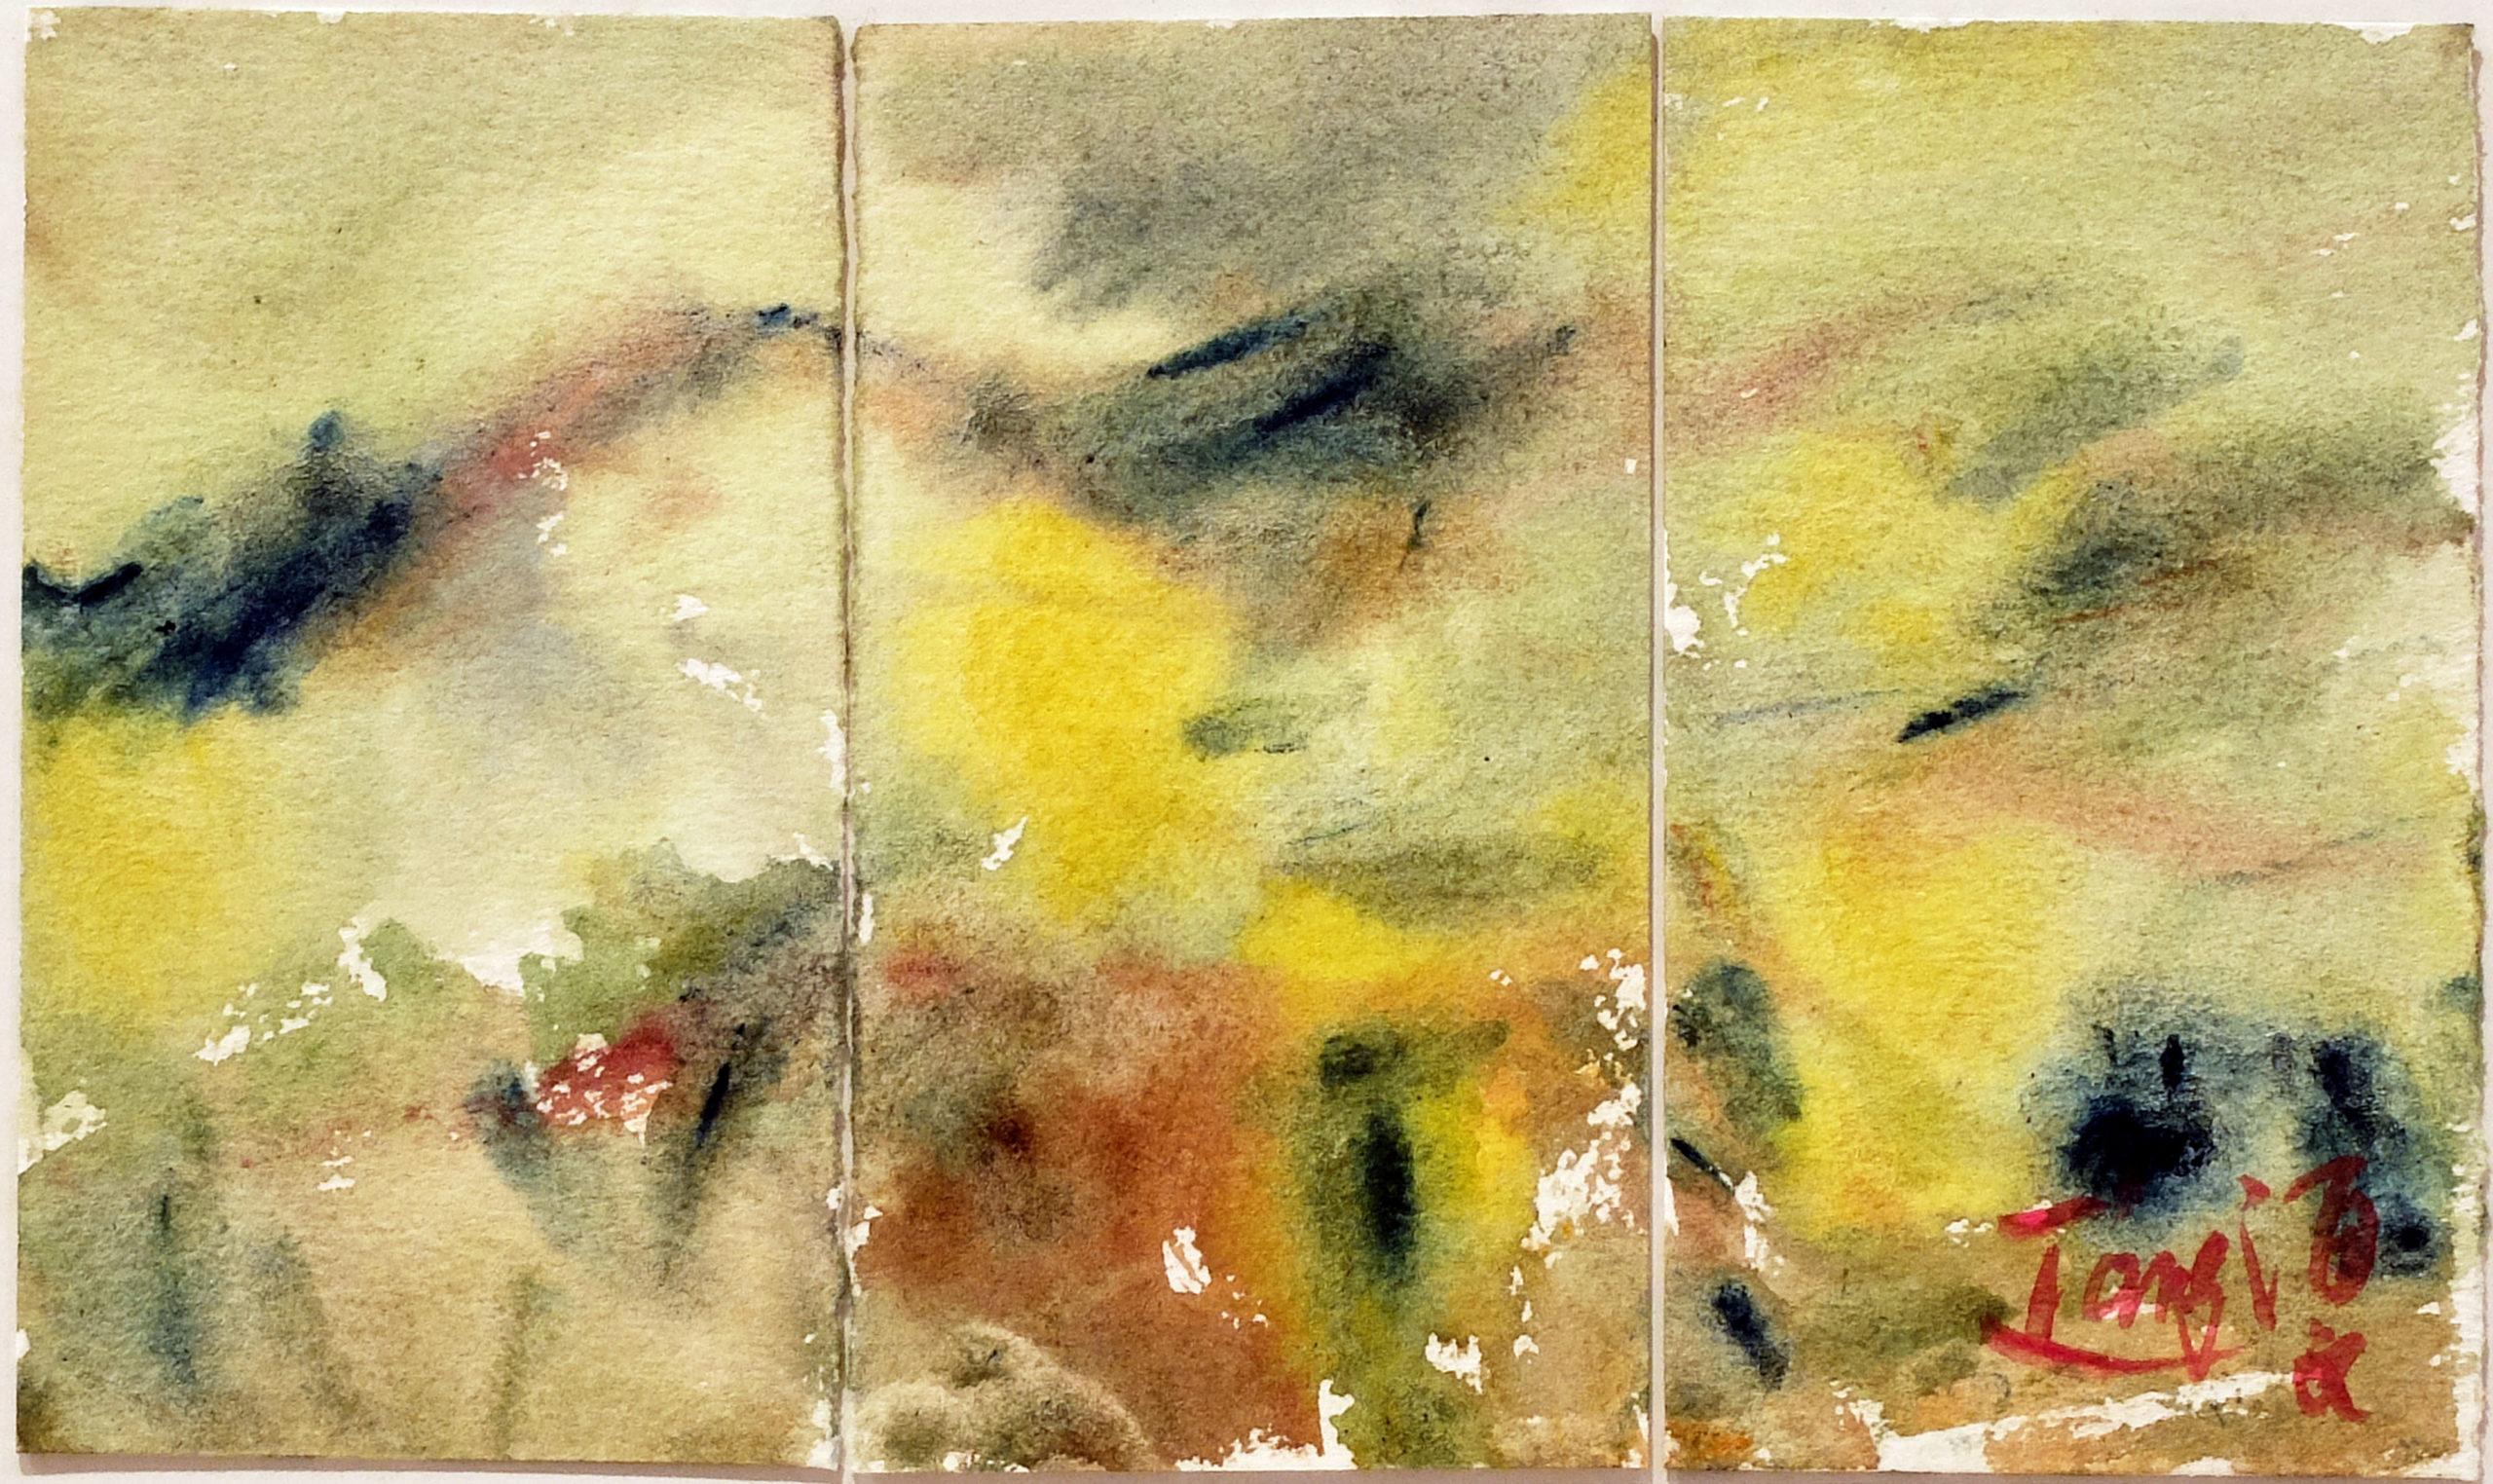 Sans titre, circa 1983, aquarelle sur papier Arches triptyque, 11,3x19 cm